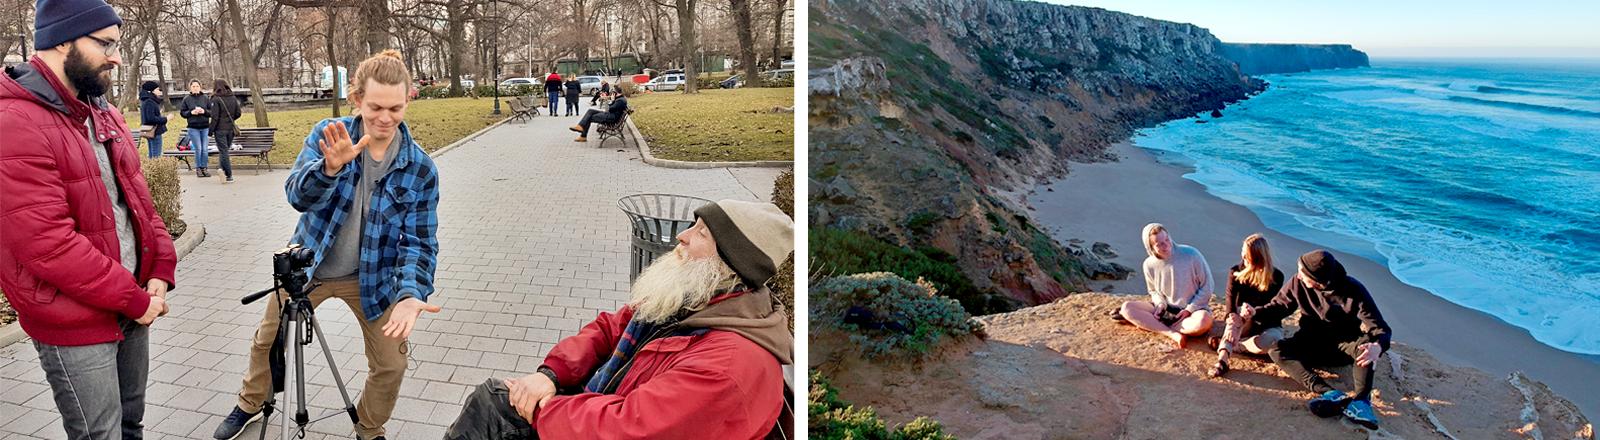 """Ein Spontan-Interview auf der Straße in Sofia / Das """"Driving Europe""""-Team auf einer Klippe in Portugak"""